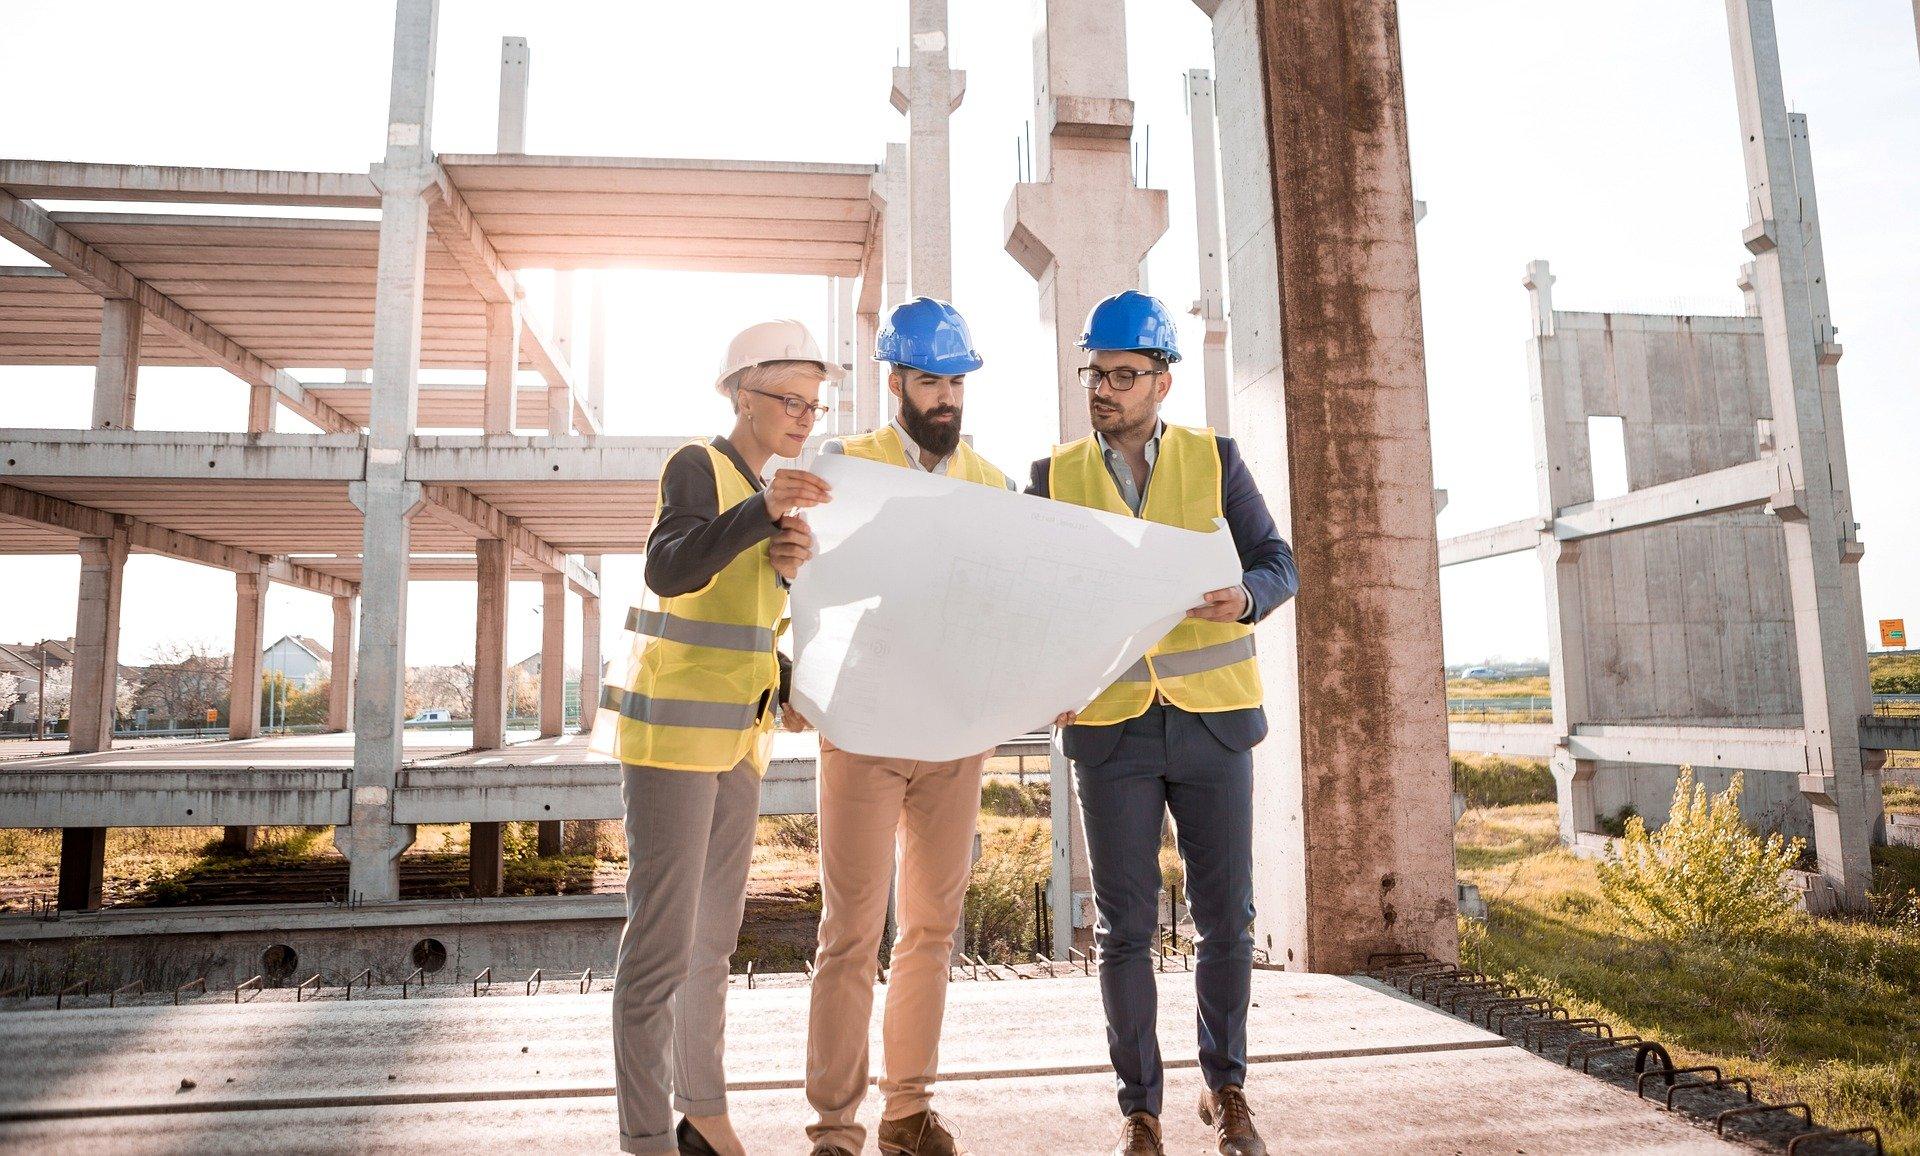 Construção Nova custos